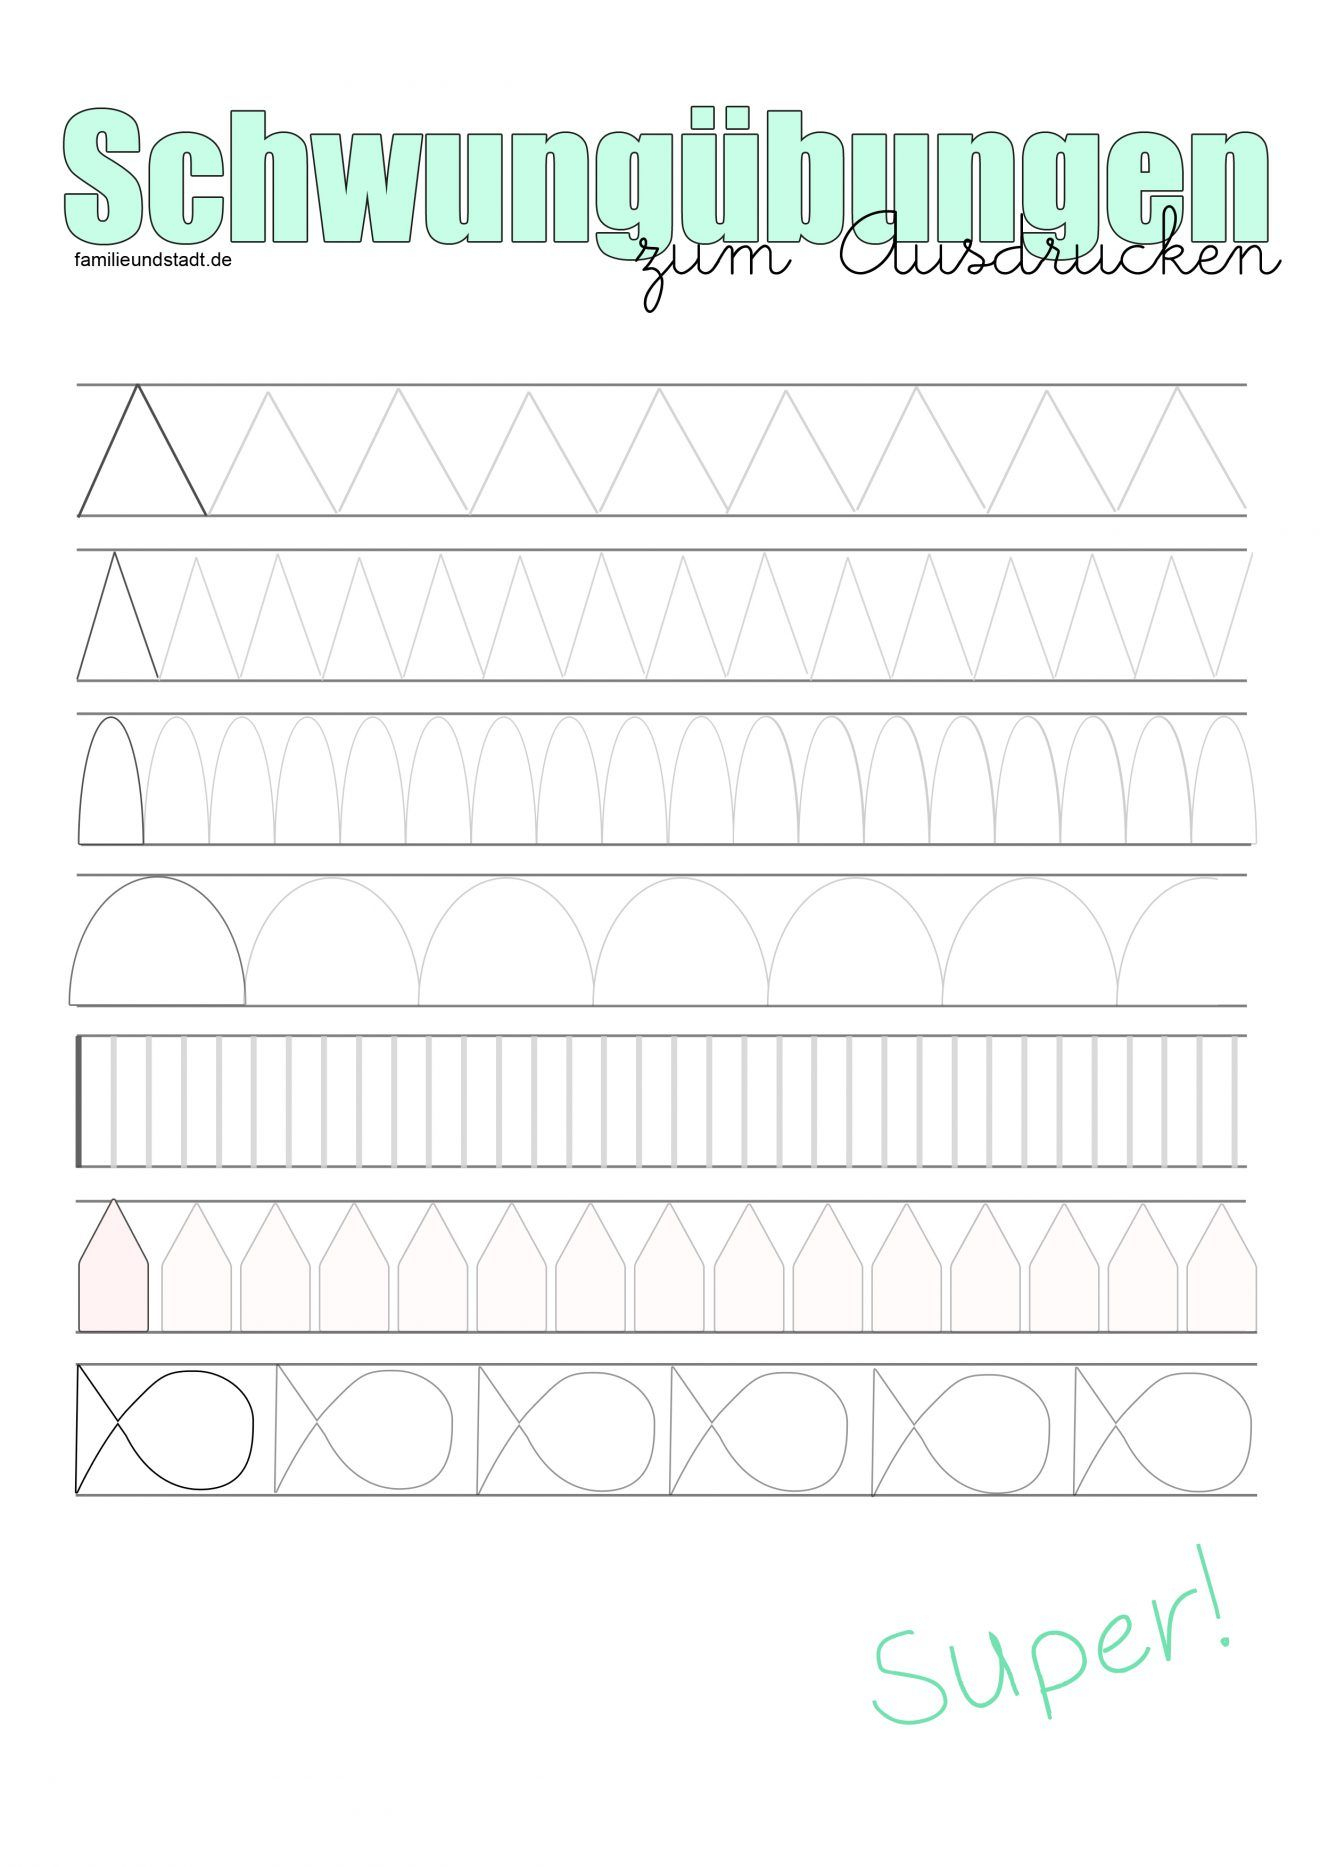 Schwungübungen Für Kinder Zum Ausdrucken   Schwungübungen mit Übungsblätter Kindergarten Zum Ausdrucken